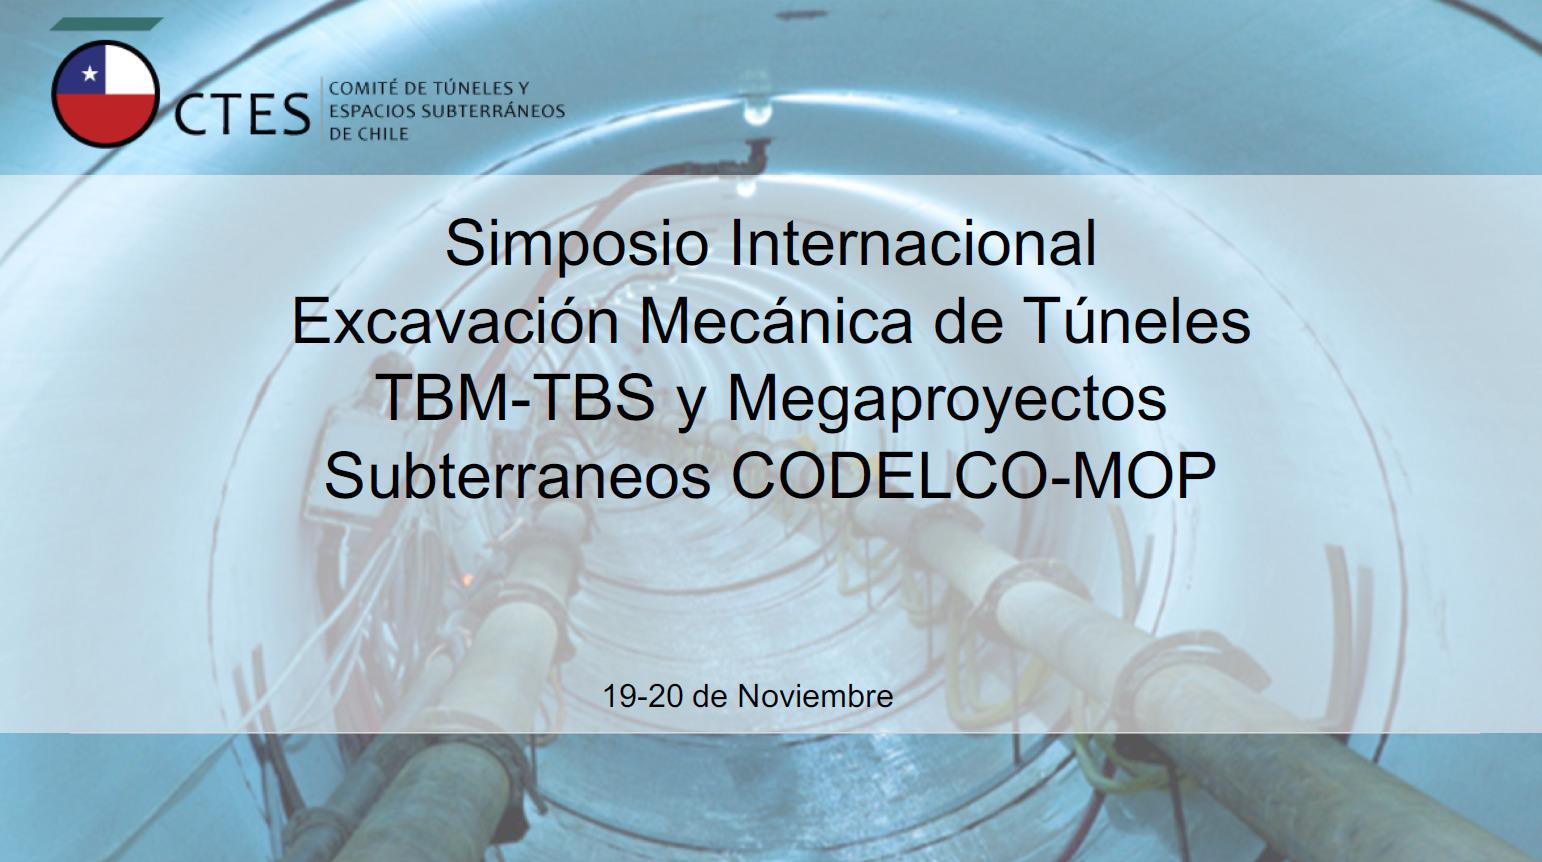 Presentacion Simposio Internacional Excavación Mecánica de túneles TBM-TBS